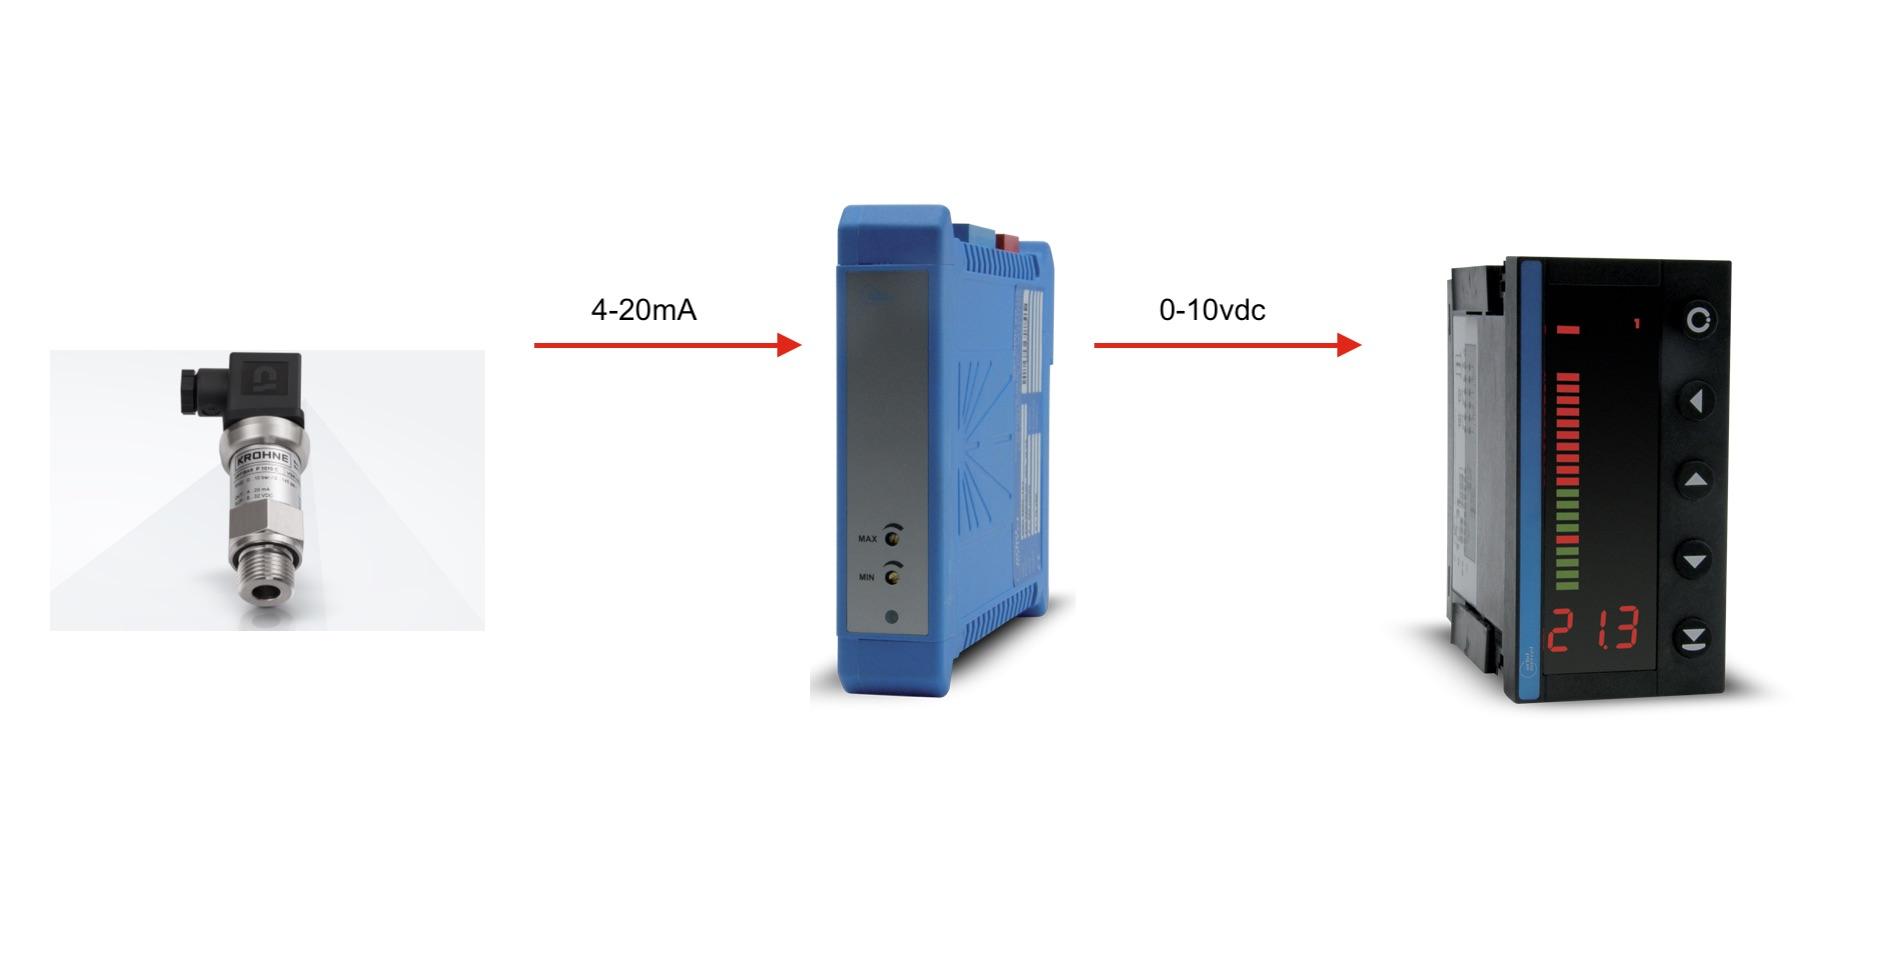 Ứng dụng Bộ Chuyển Tín Hiệu 4-20mA sang 0-10v OMX39PM